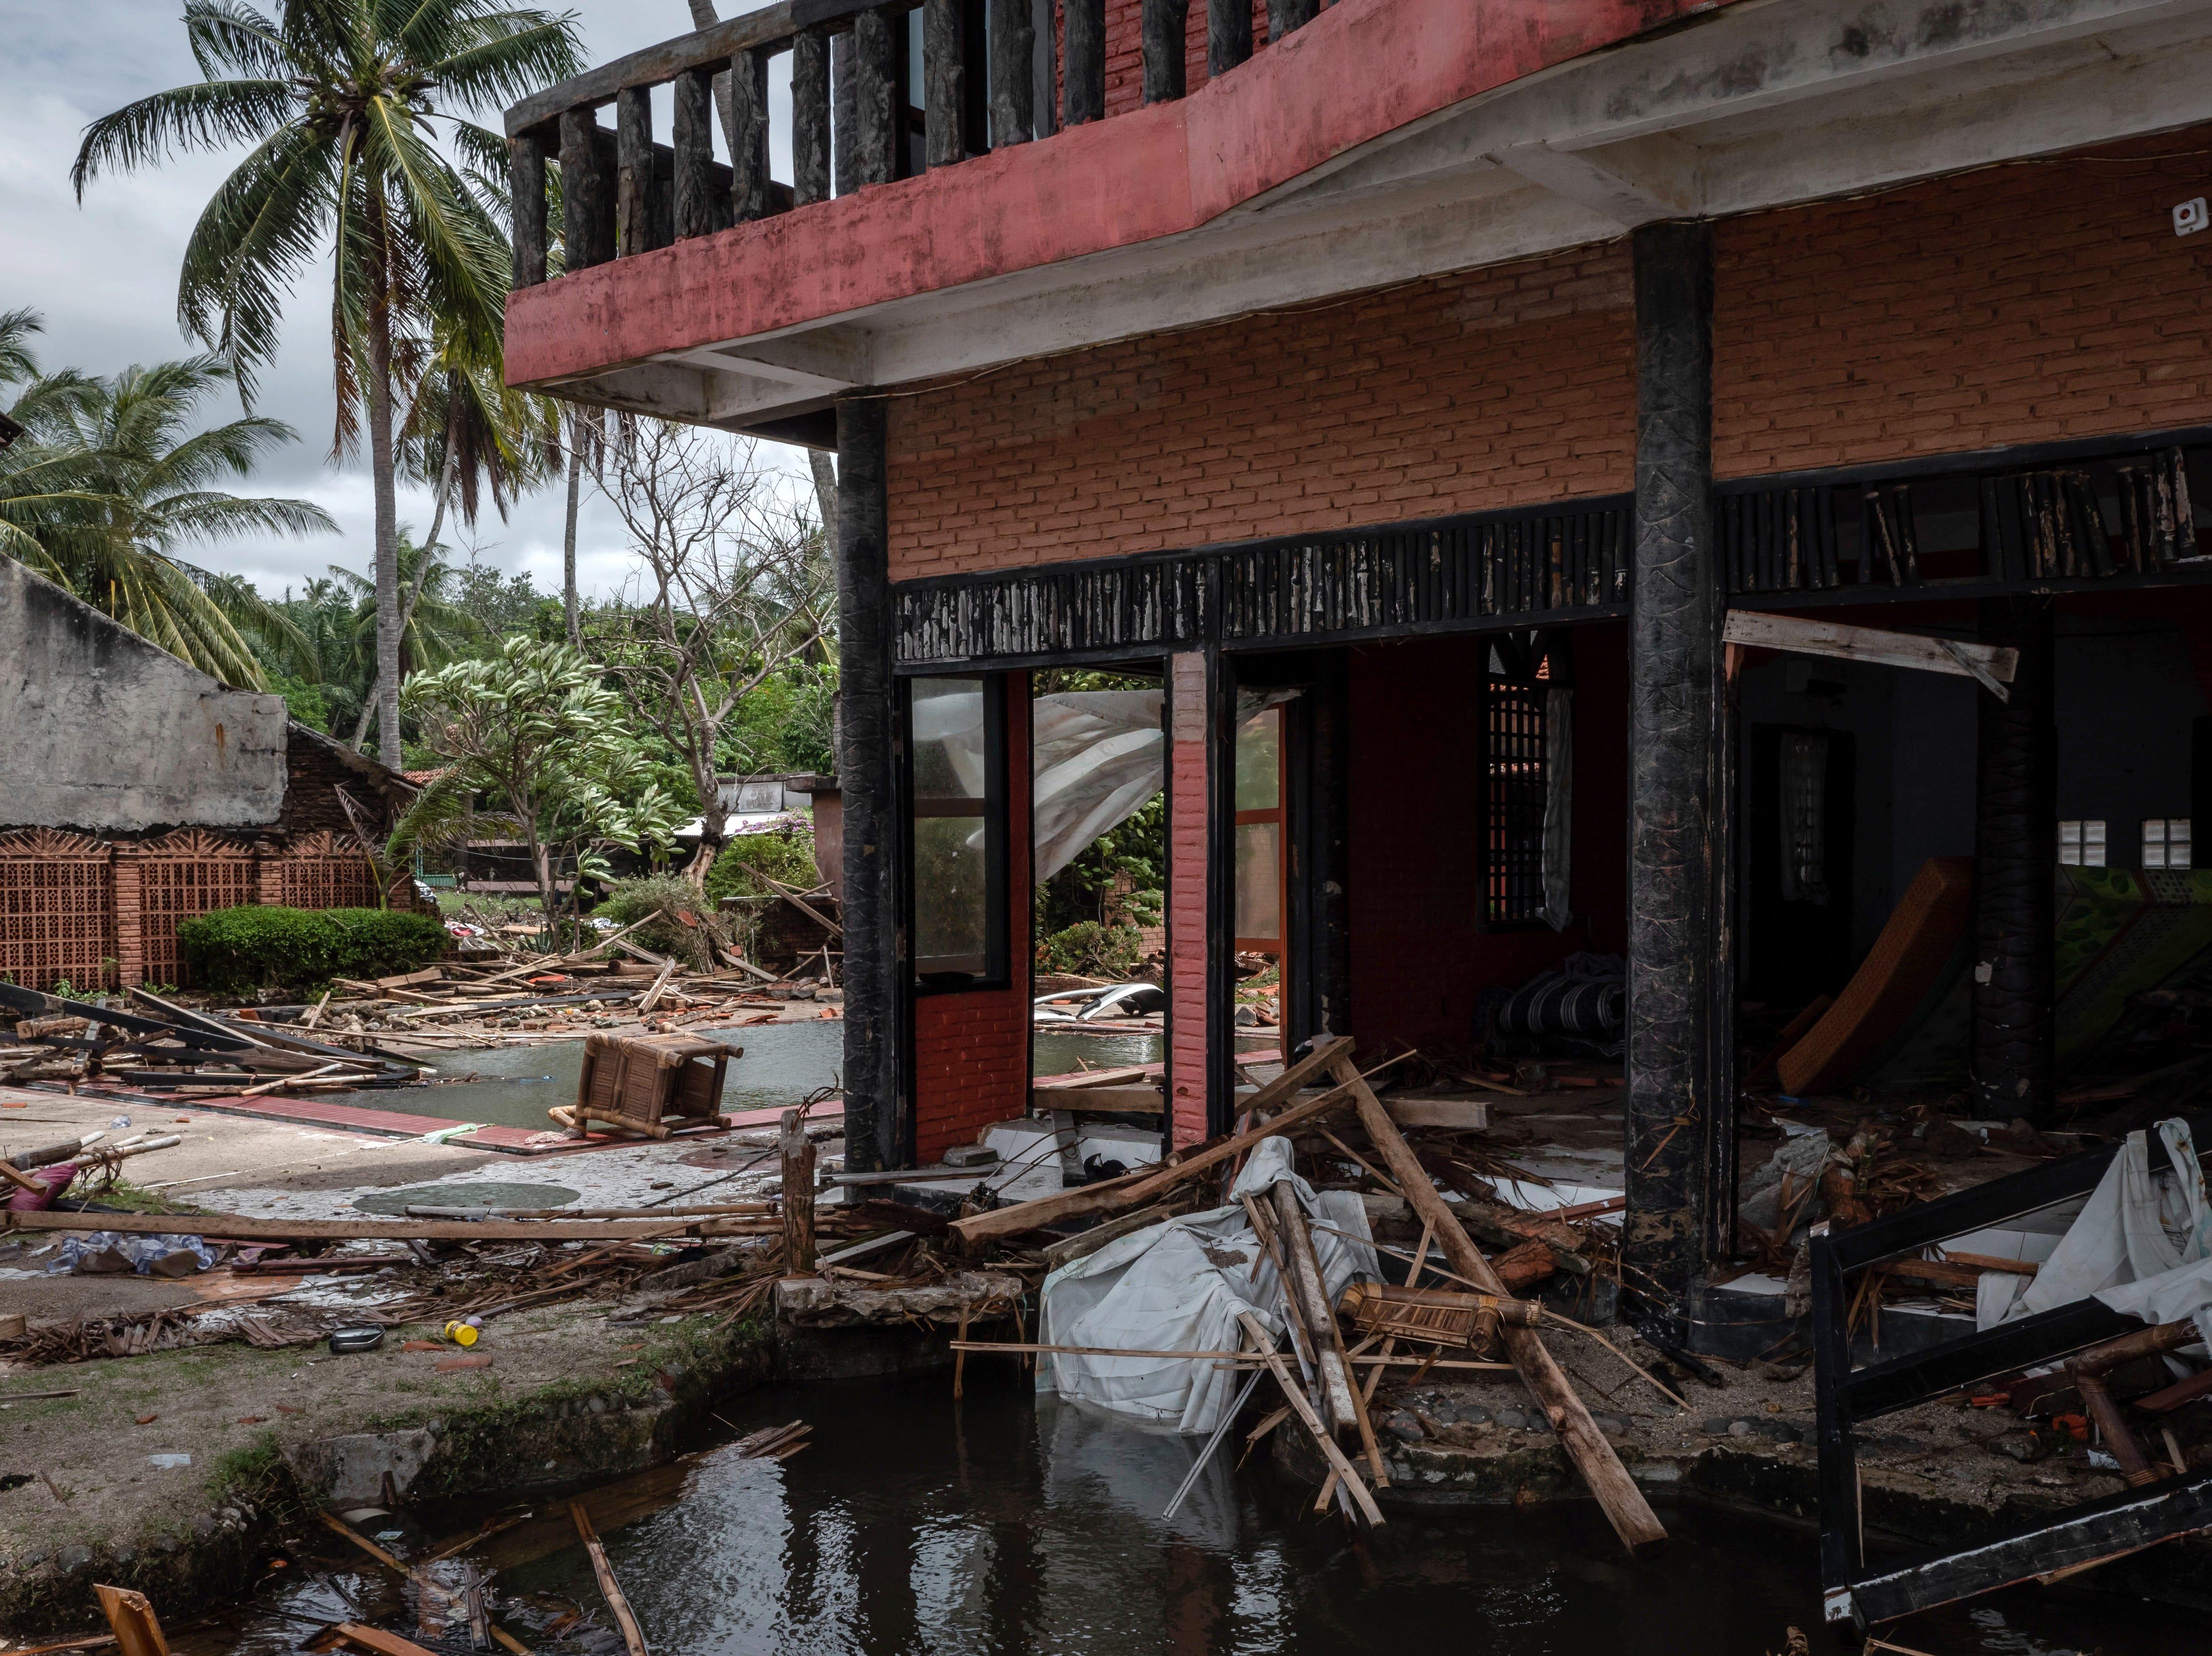 Edificios dañados después de ser golpeados por un tsunami en un hotel resort el 24 de diciembre de 2018 en Carita, provincia de Banten, Indonesia.